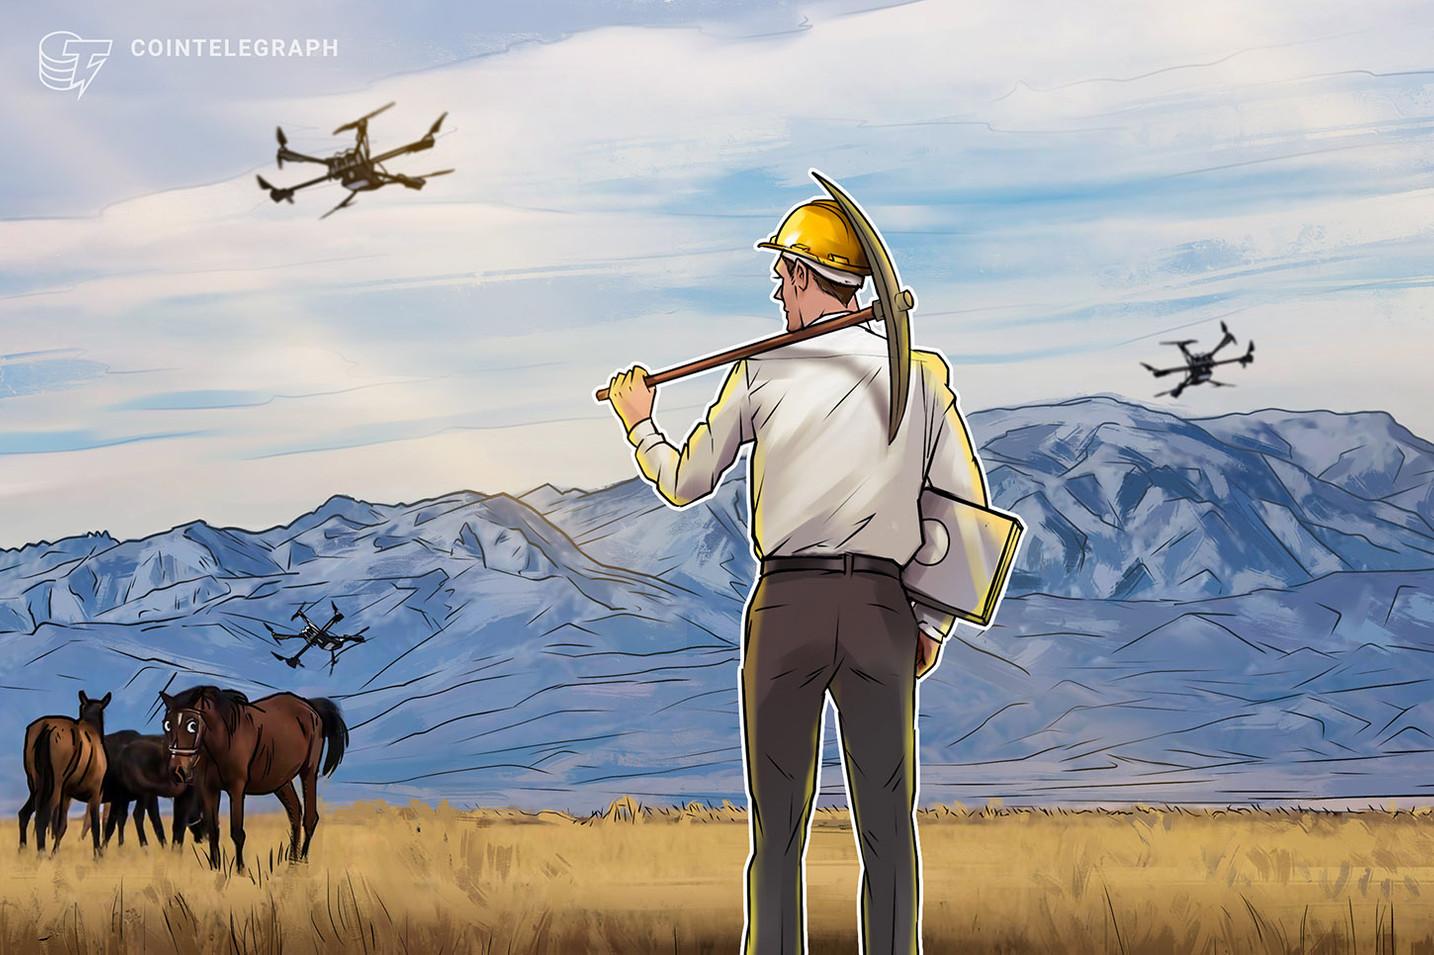 Kazajstán impondrá nuevas tarifas de energía para los mineros de criptomonedas en 2022